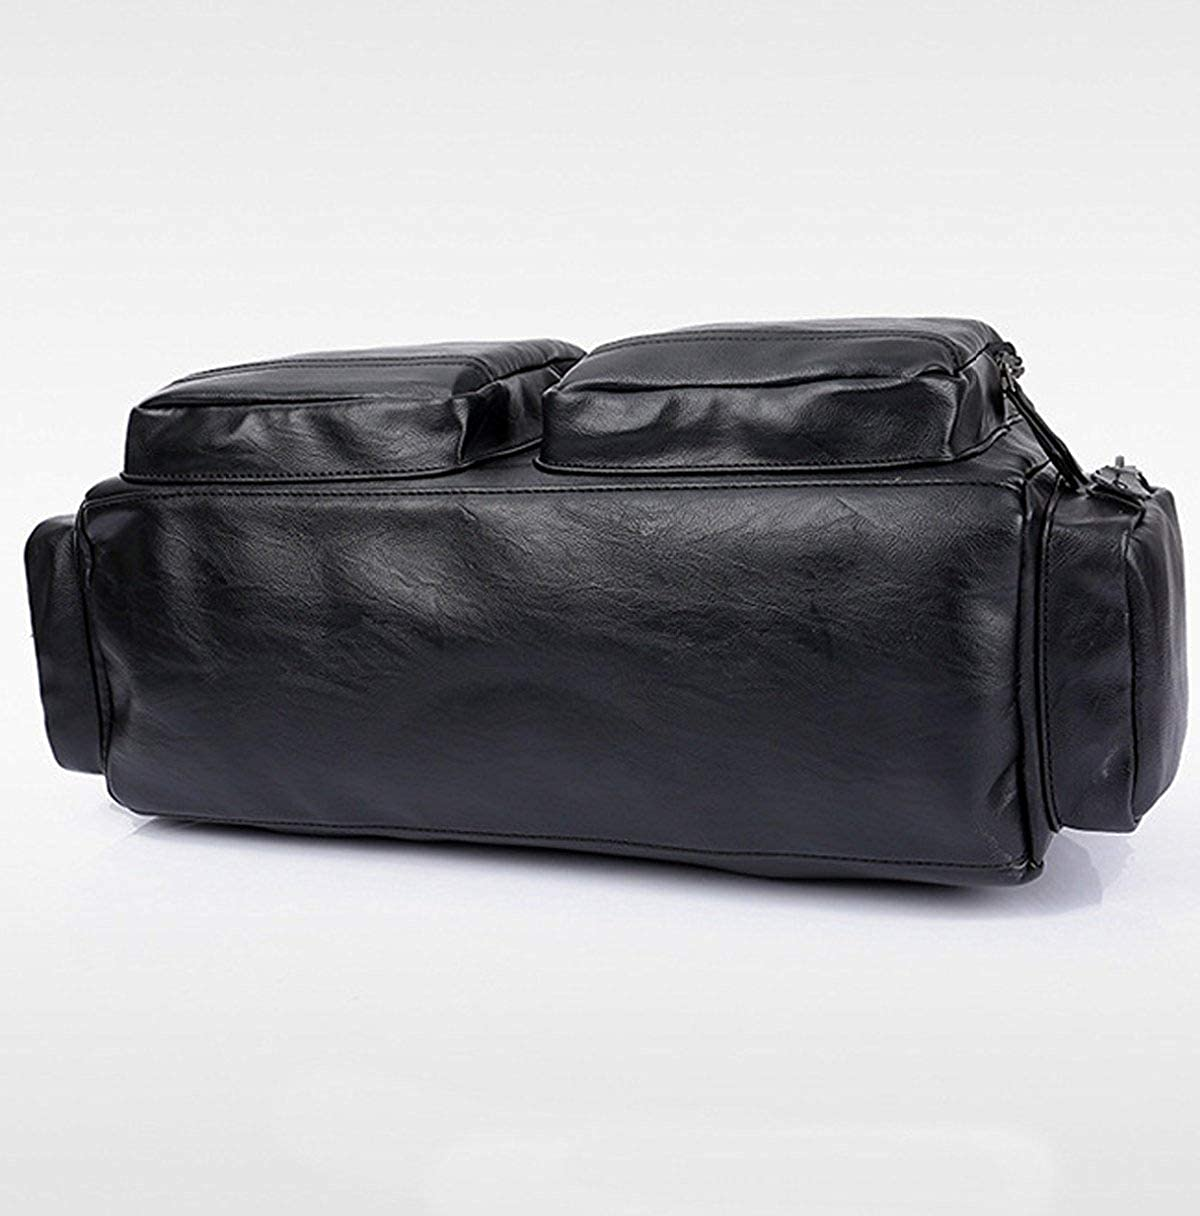 FYH Vintage Cool Textured Casual Luggage Bag Single Shoulder Bag For Men Brown Handbag